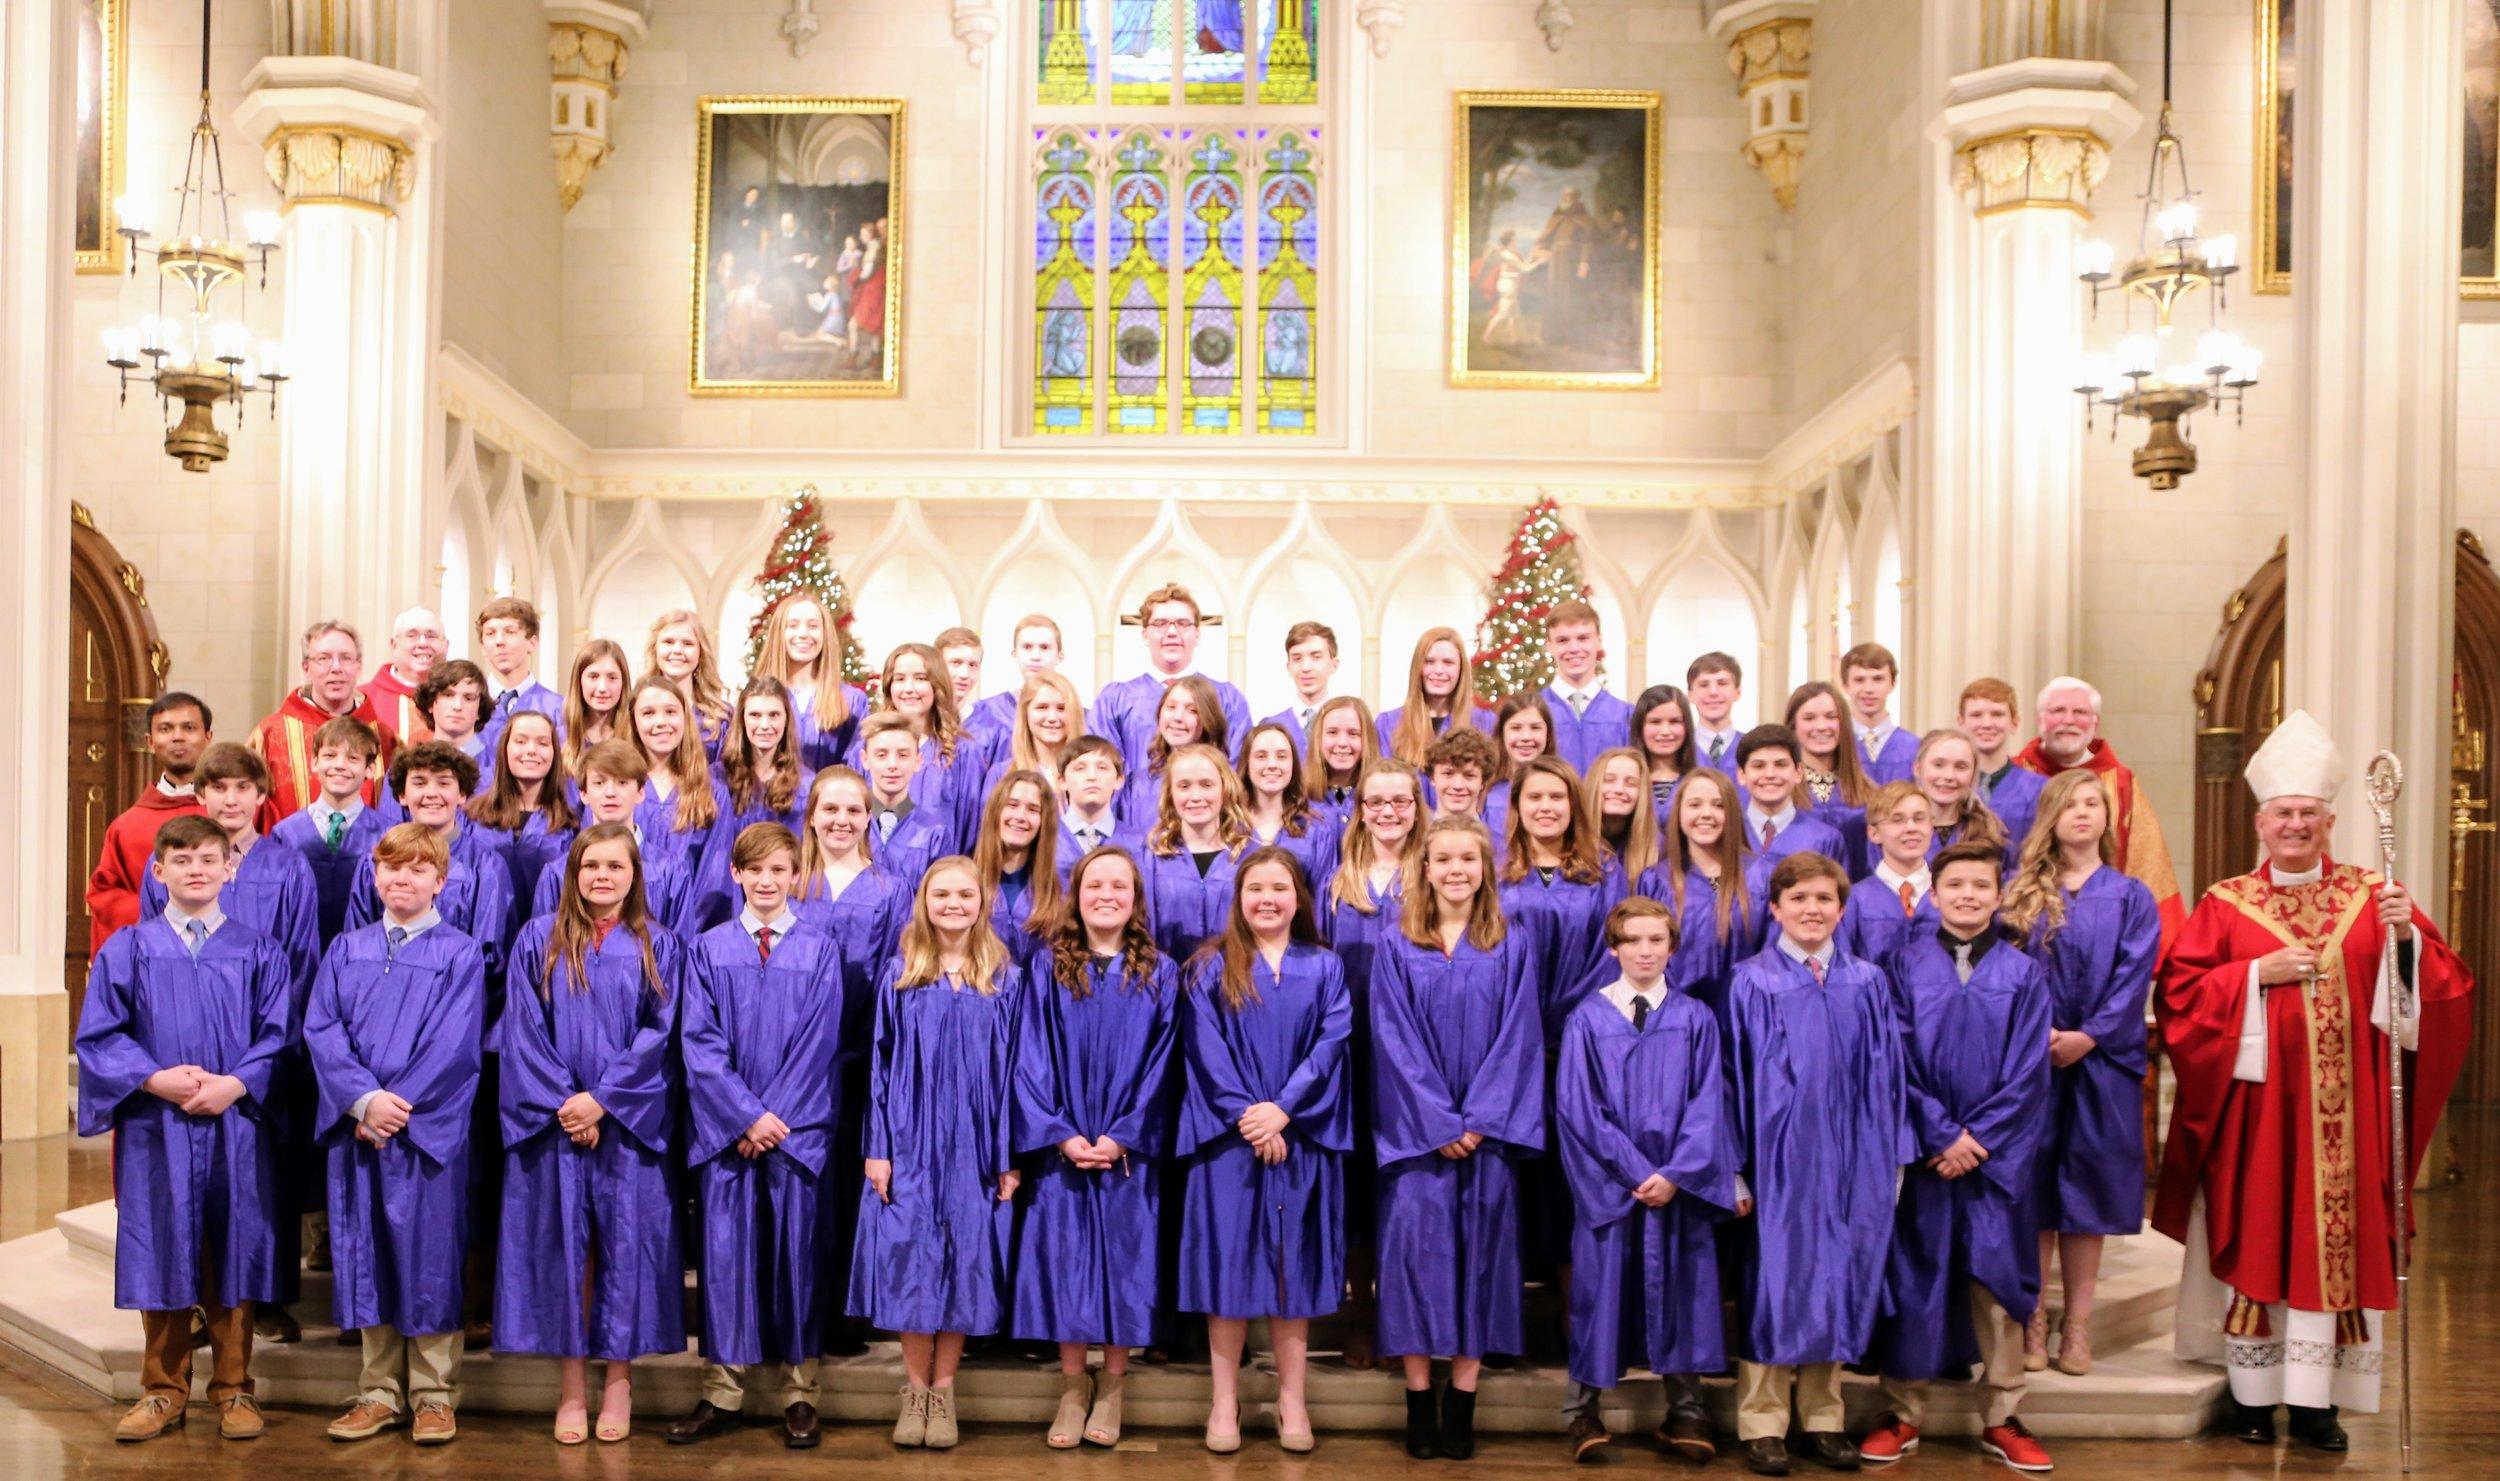 2019 Saint Agnes Confirmation Group